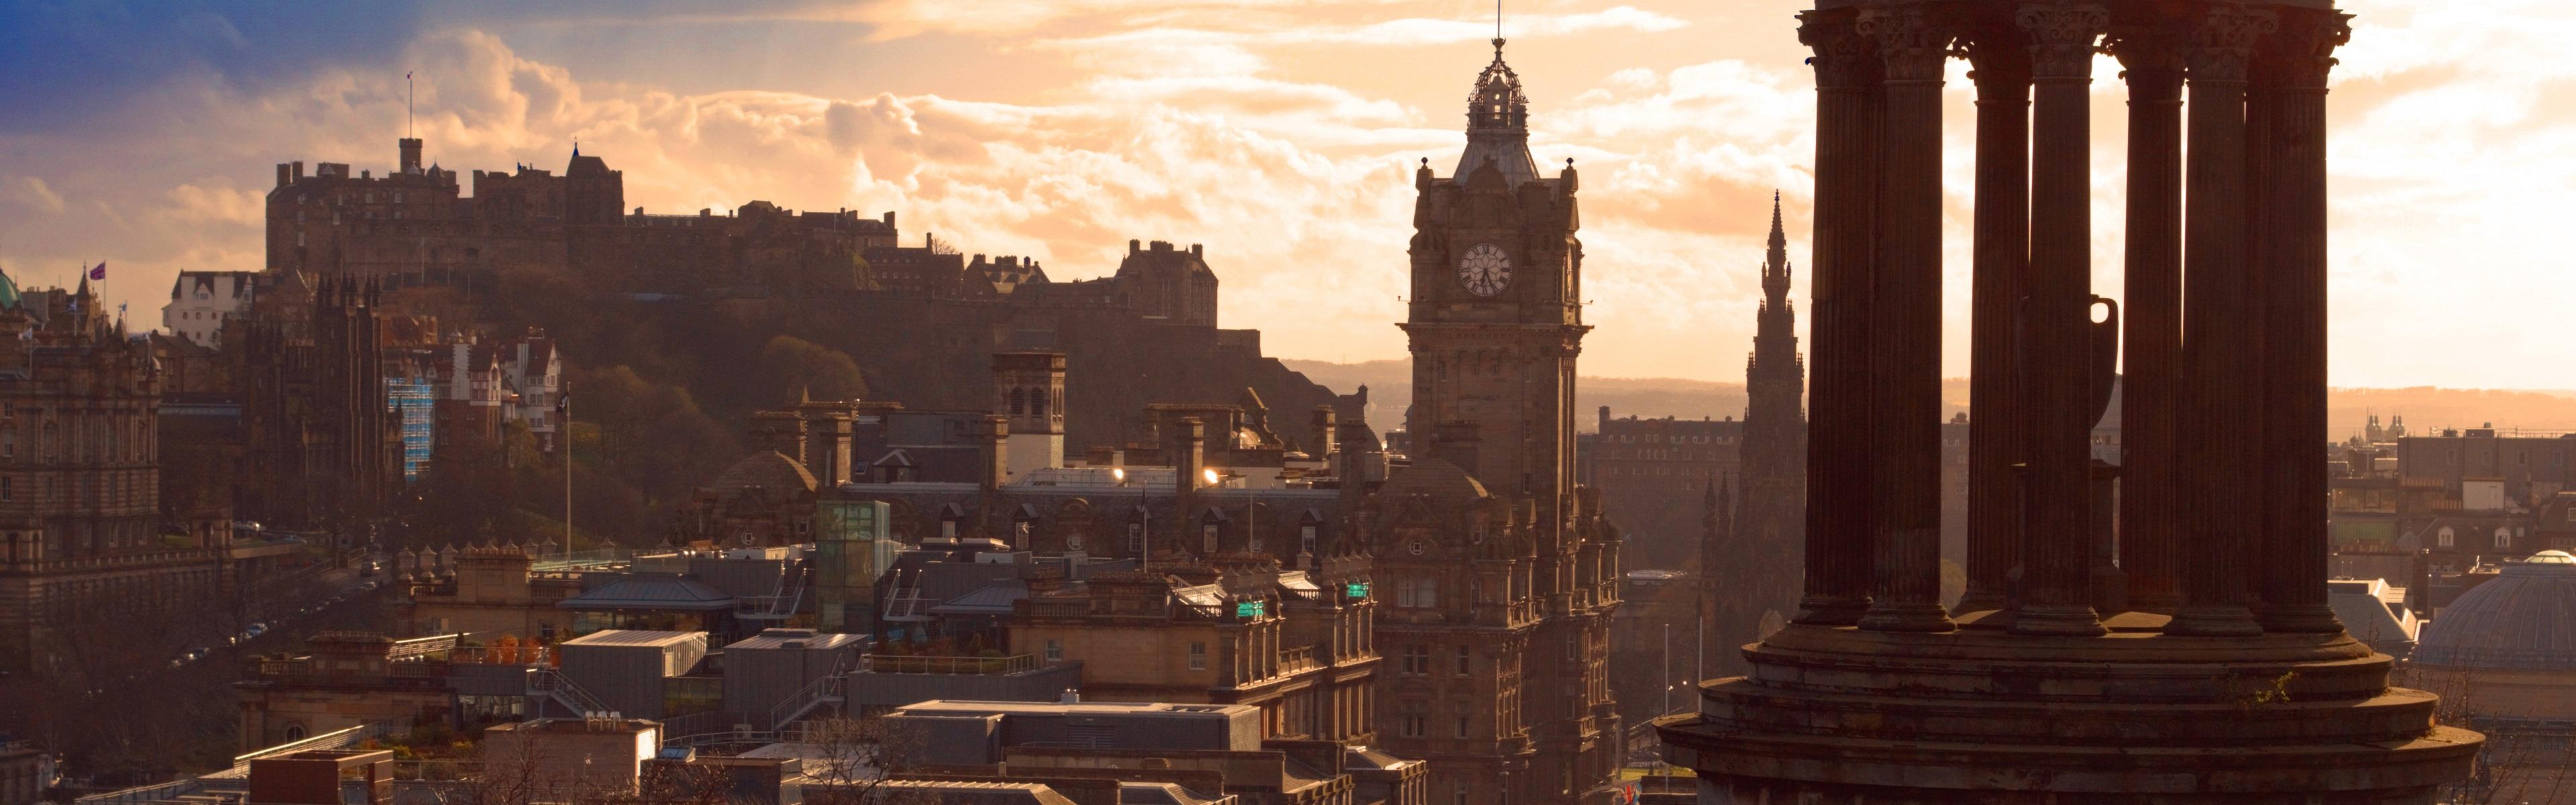 Обои Облака, эдинбург, Шотландия, свет, дома. Города foto 8